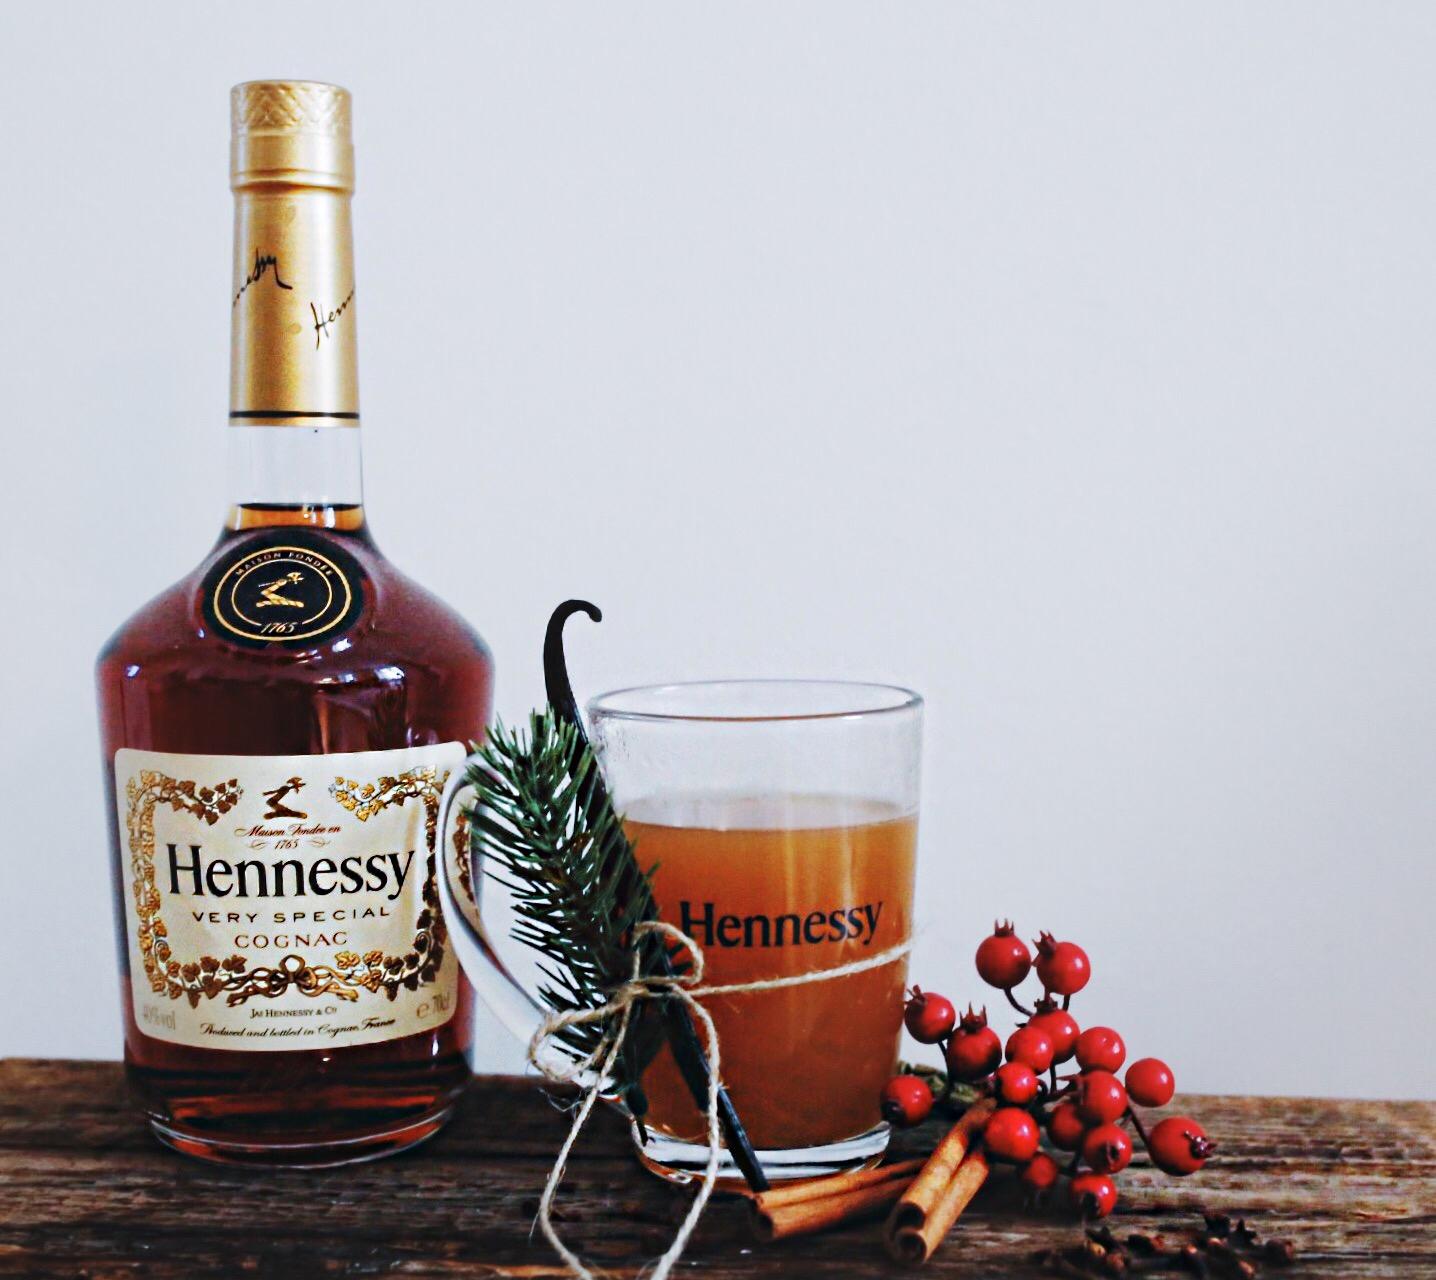 Hennessy, Hennesy VS, Hennessy Punsch, Christkindlmarkt Punsch, Punsch Alternative